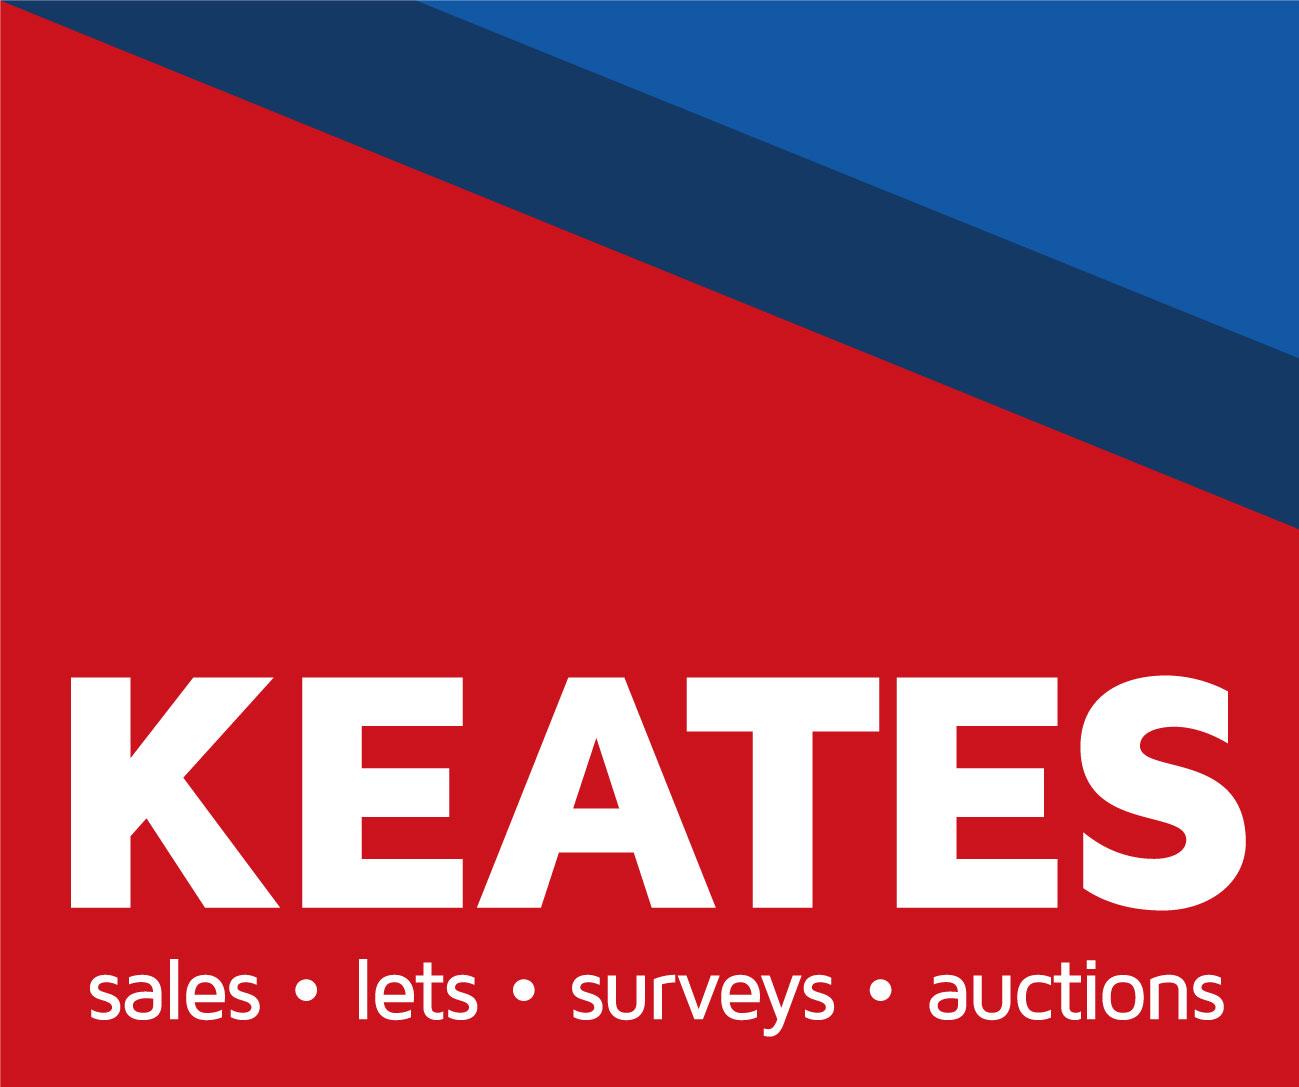 Keates